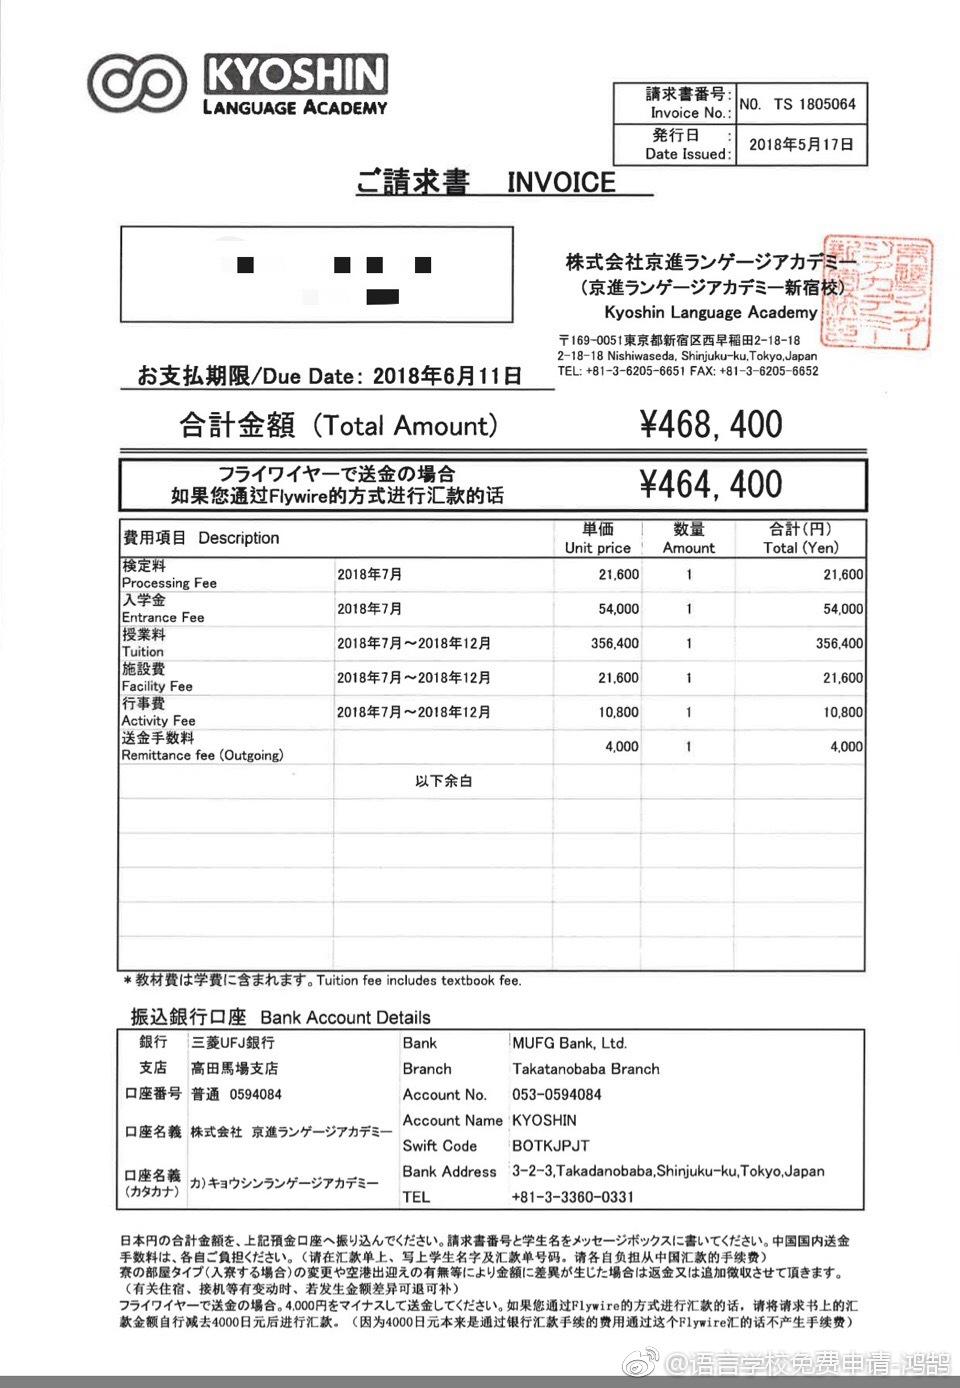 京进日本语半年学费清单